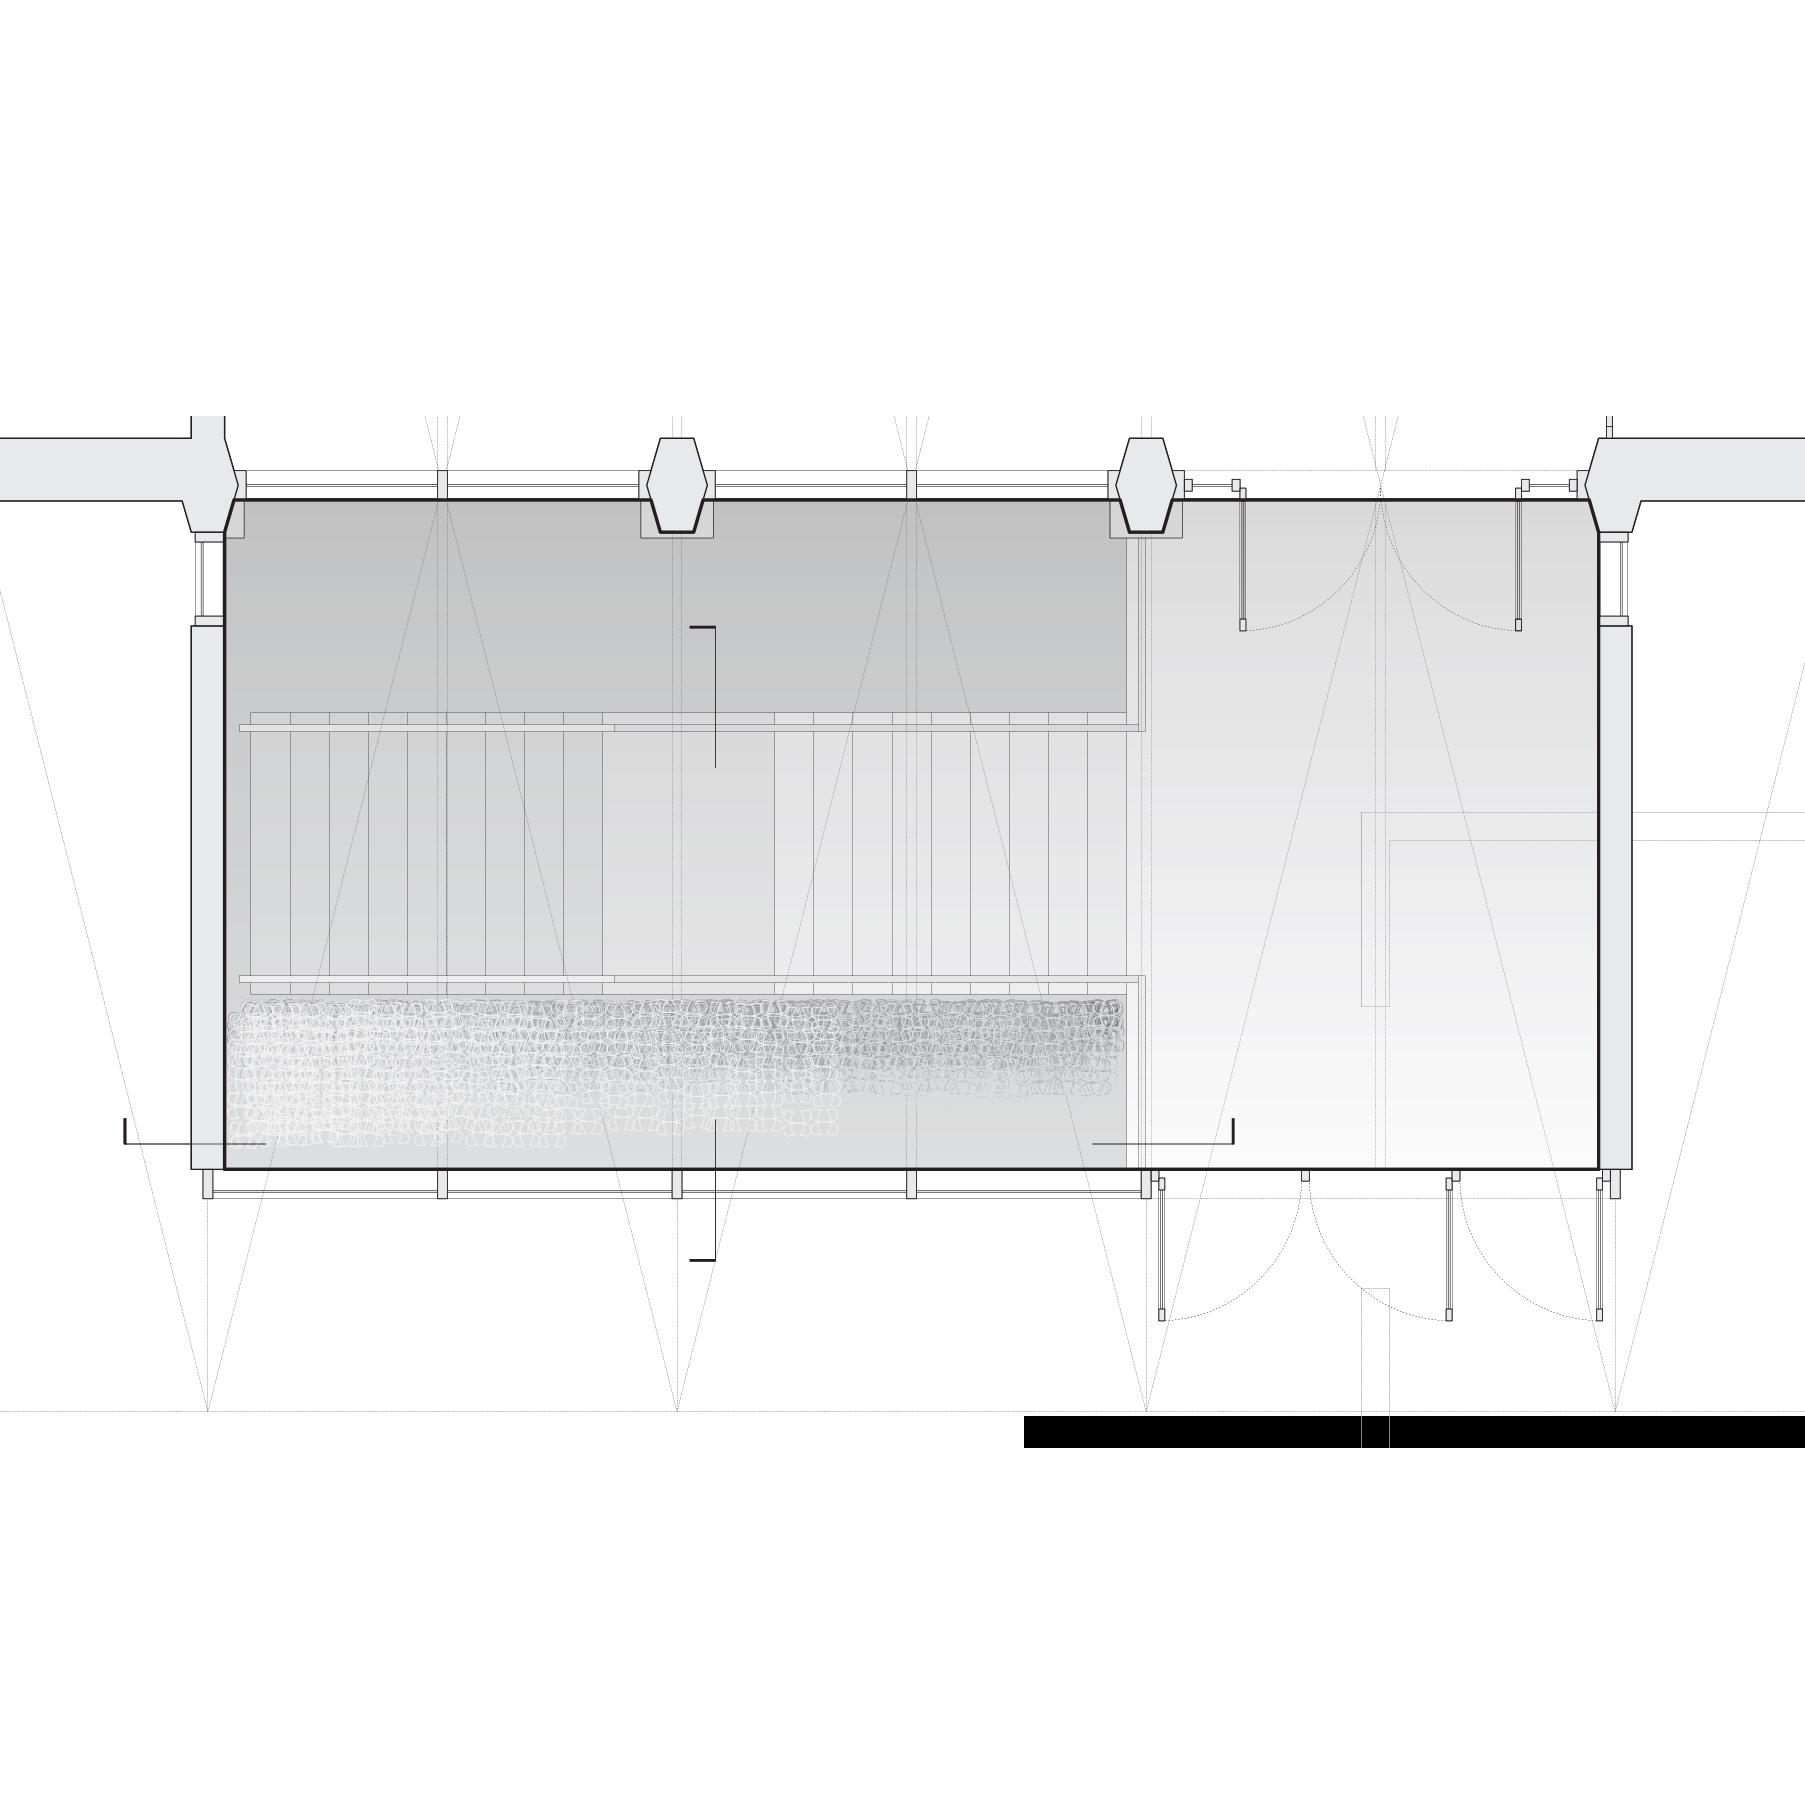 SP16_Studio_SuspendedInResin_Drawings_Plan_1_1_Original.png